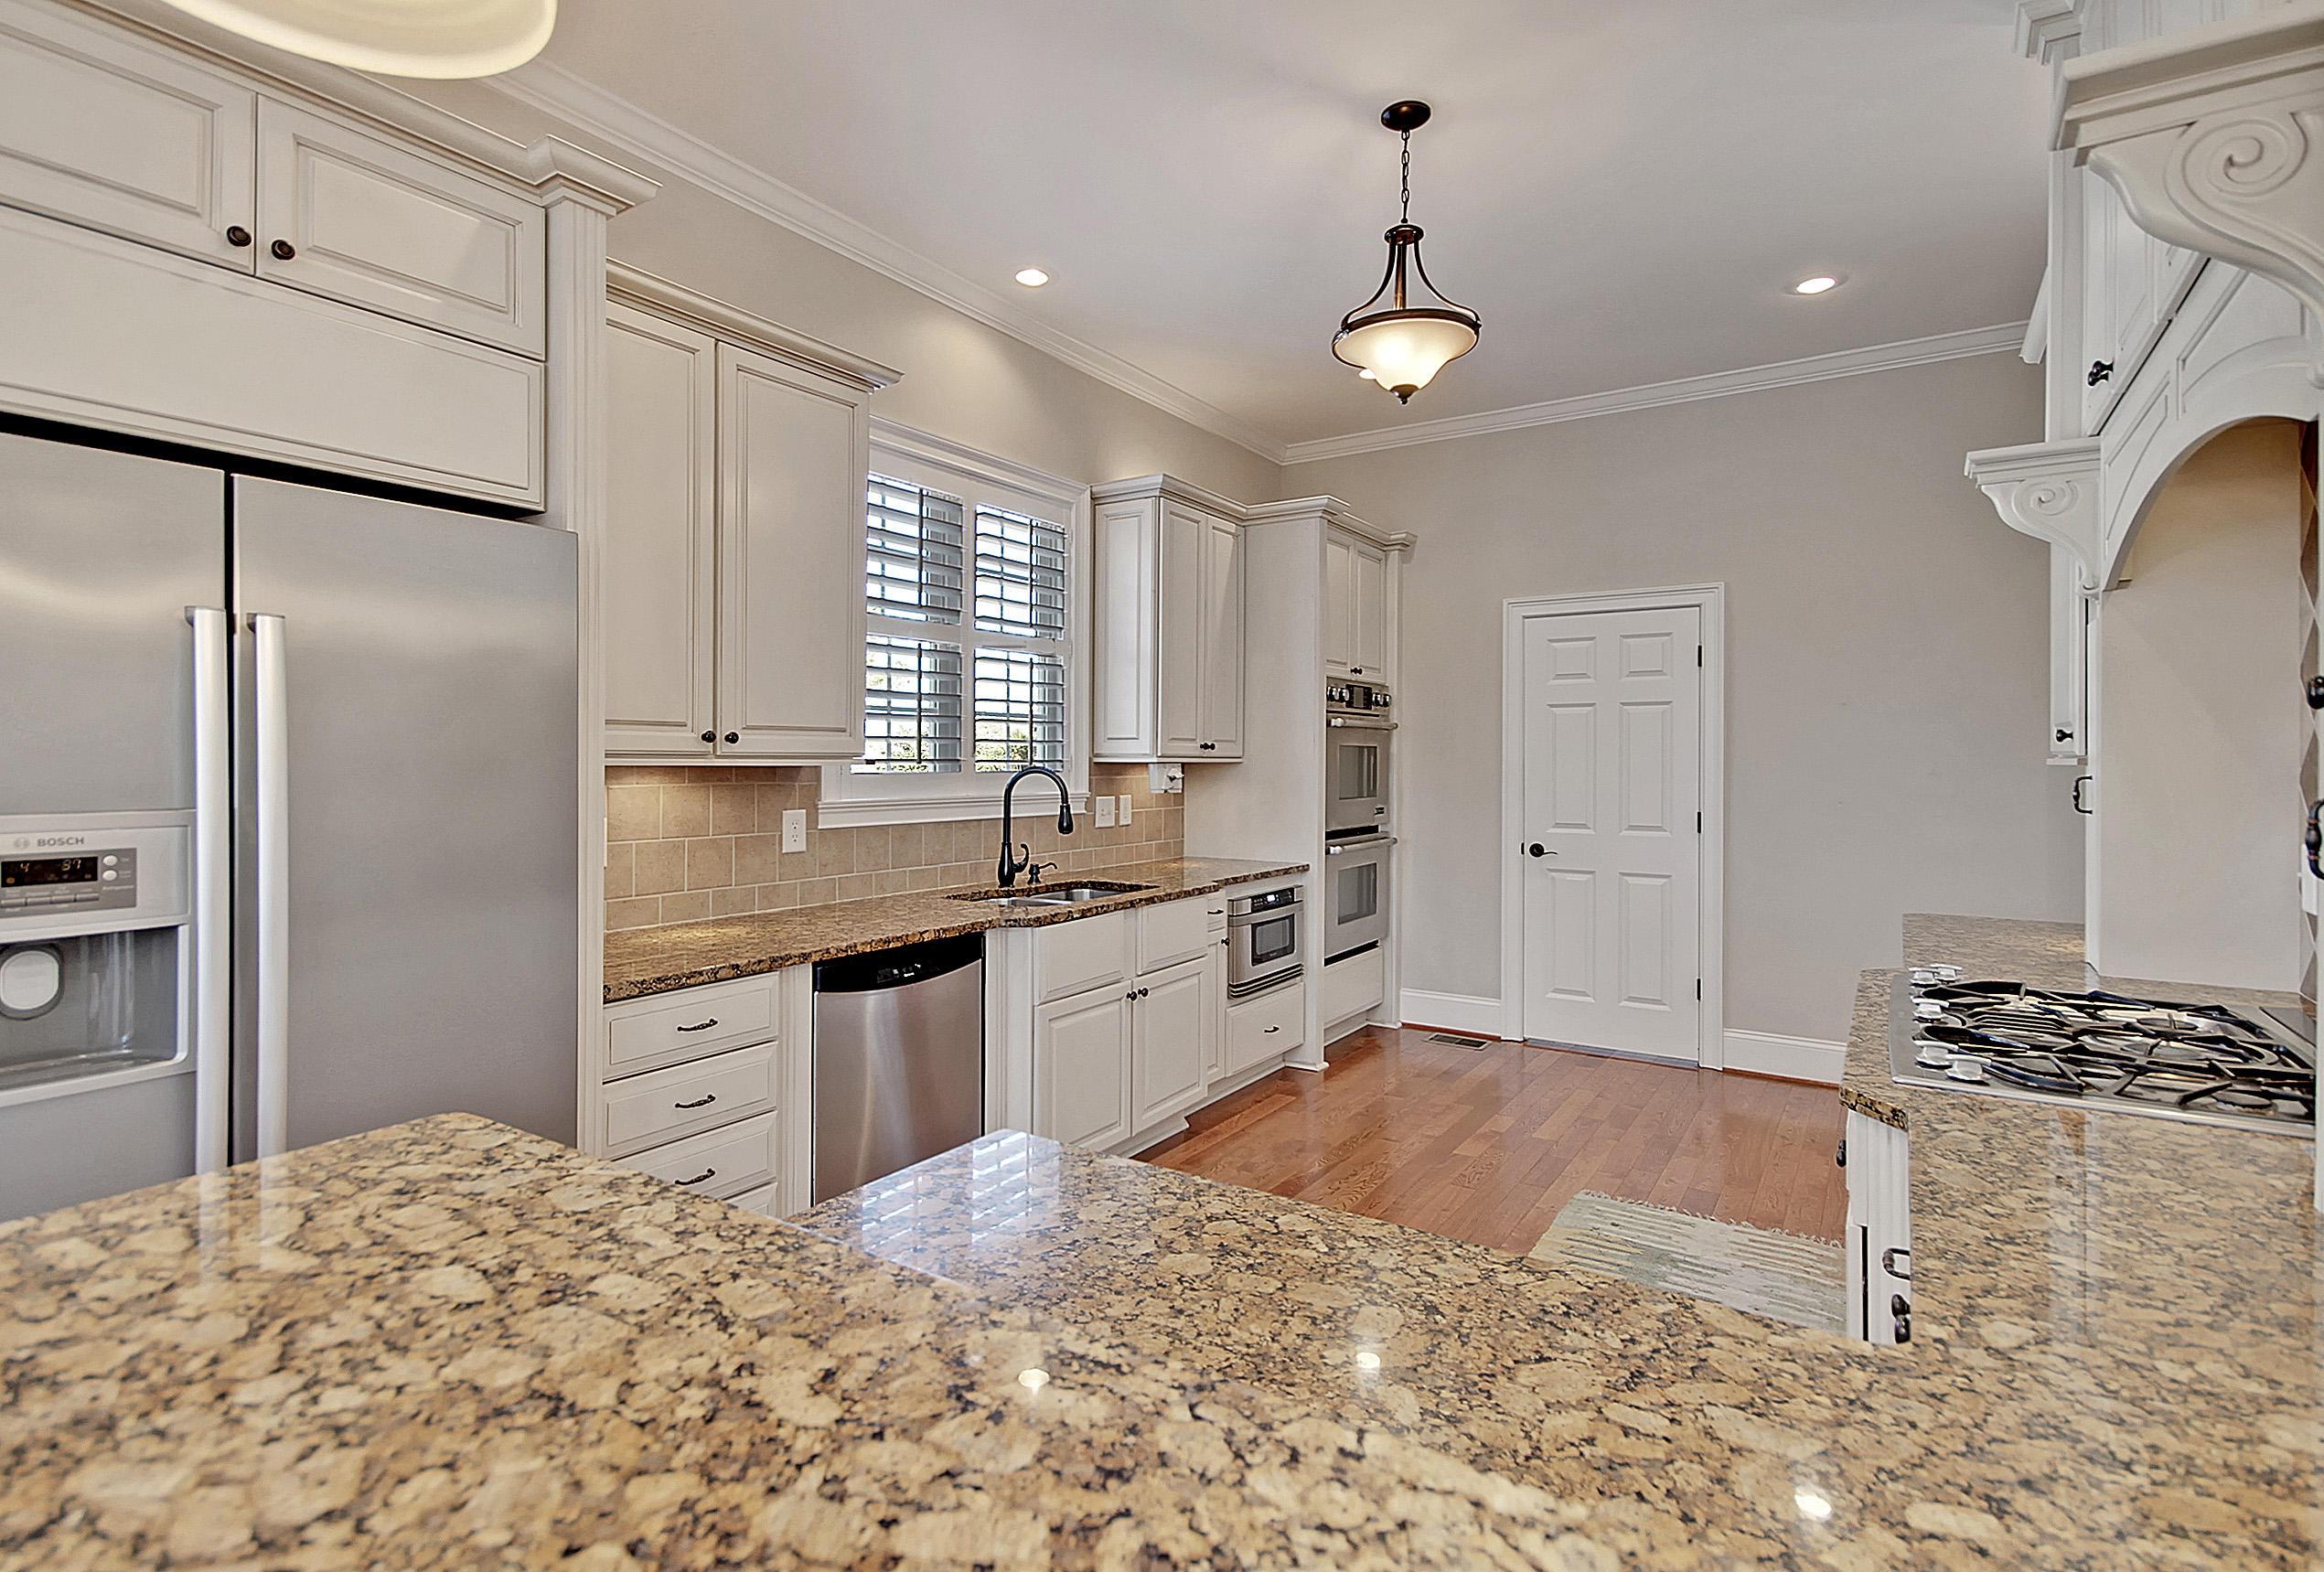 Dunes West Homes For Sale - 2721 Fountainhead, Mount Pleasant, SC - 4